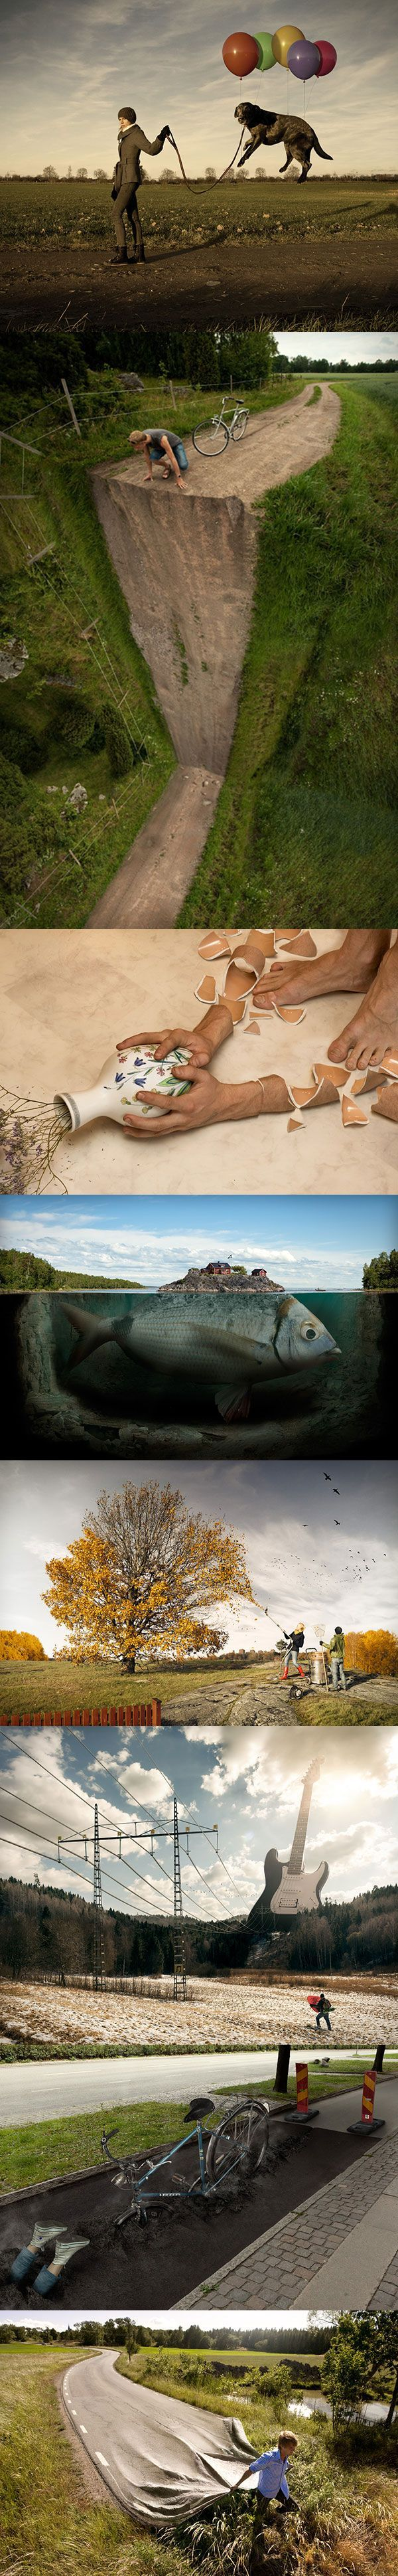 The world class photographer Erik Johannson